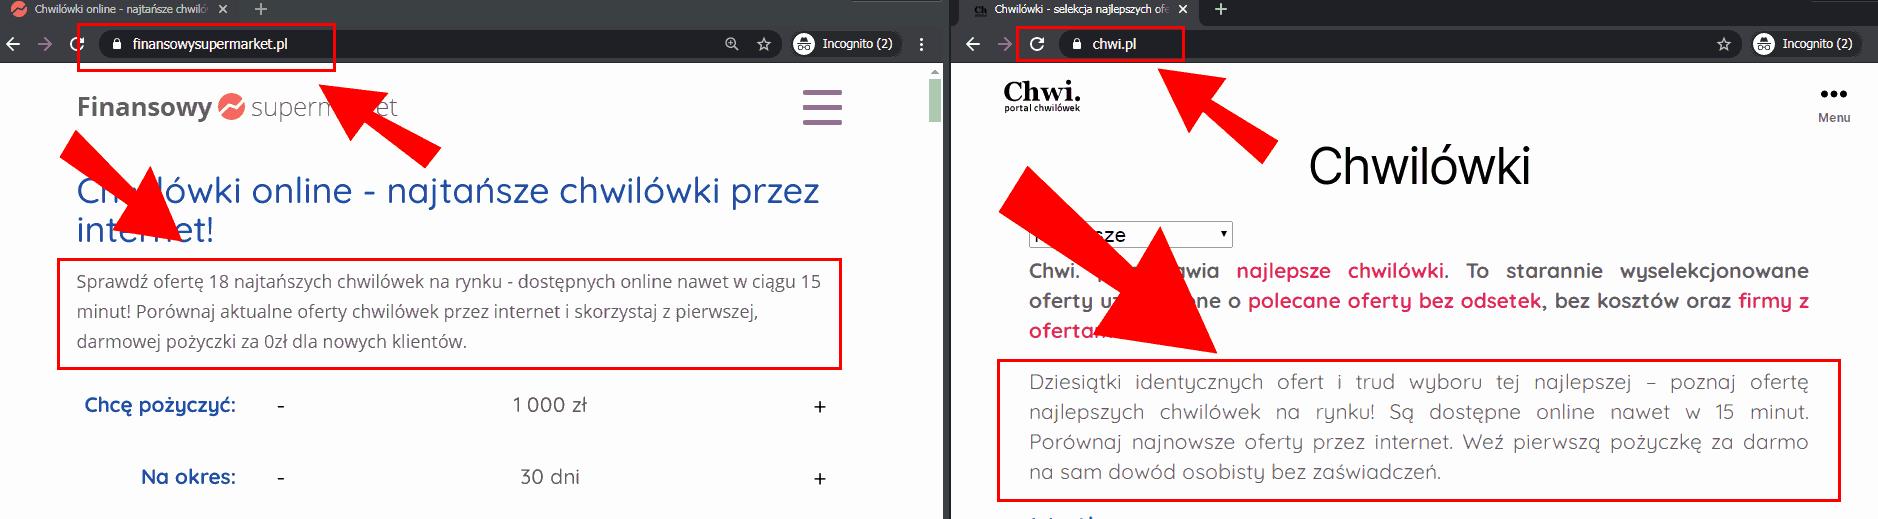 Chwi.pl i FinansowySupermarket.pl